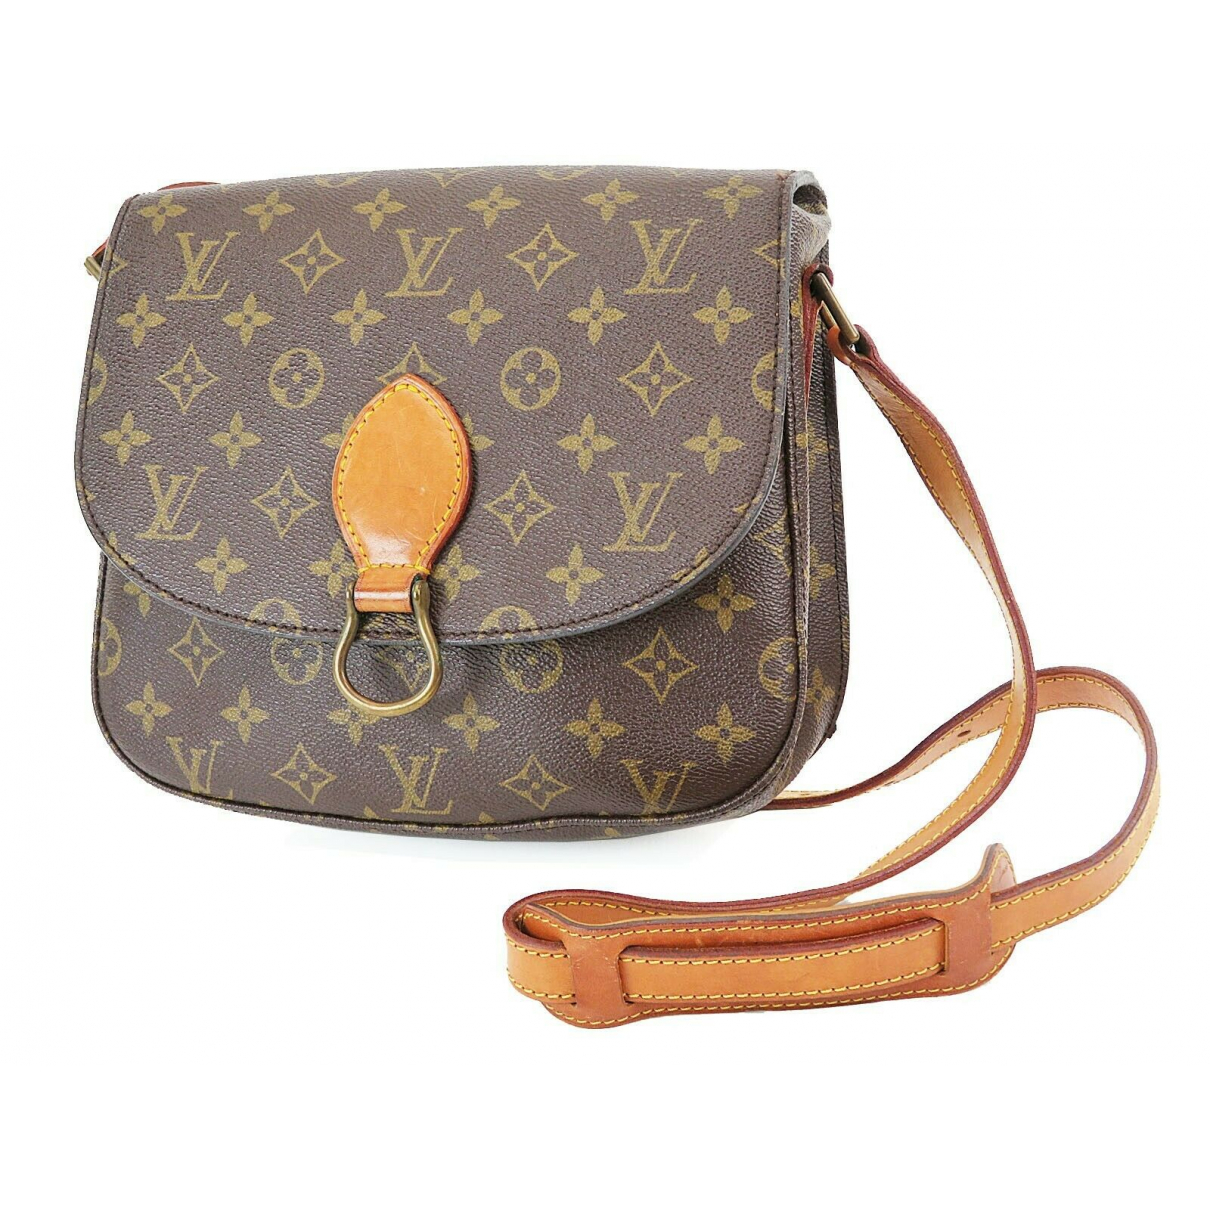 Louis Vuitton - Sac a main Saint Cloud pour femme en cuir - marron